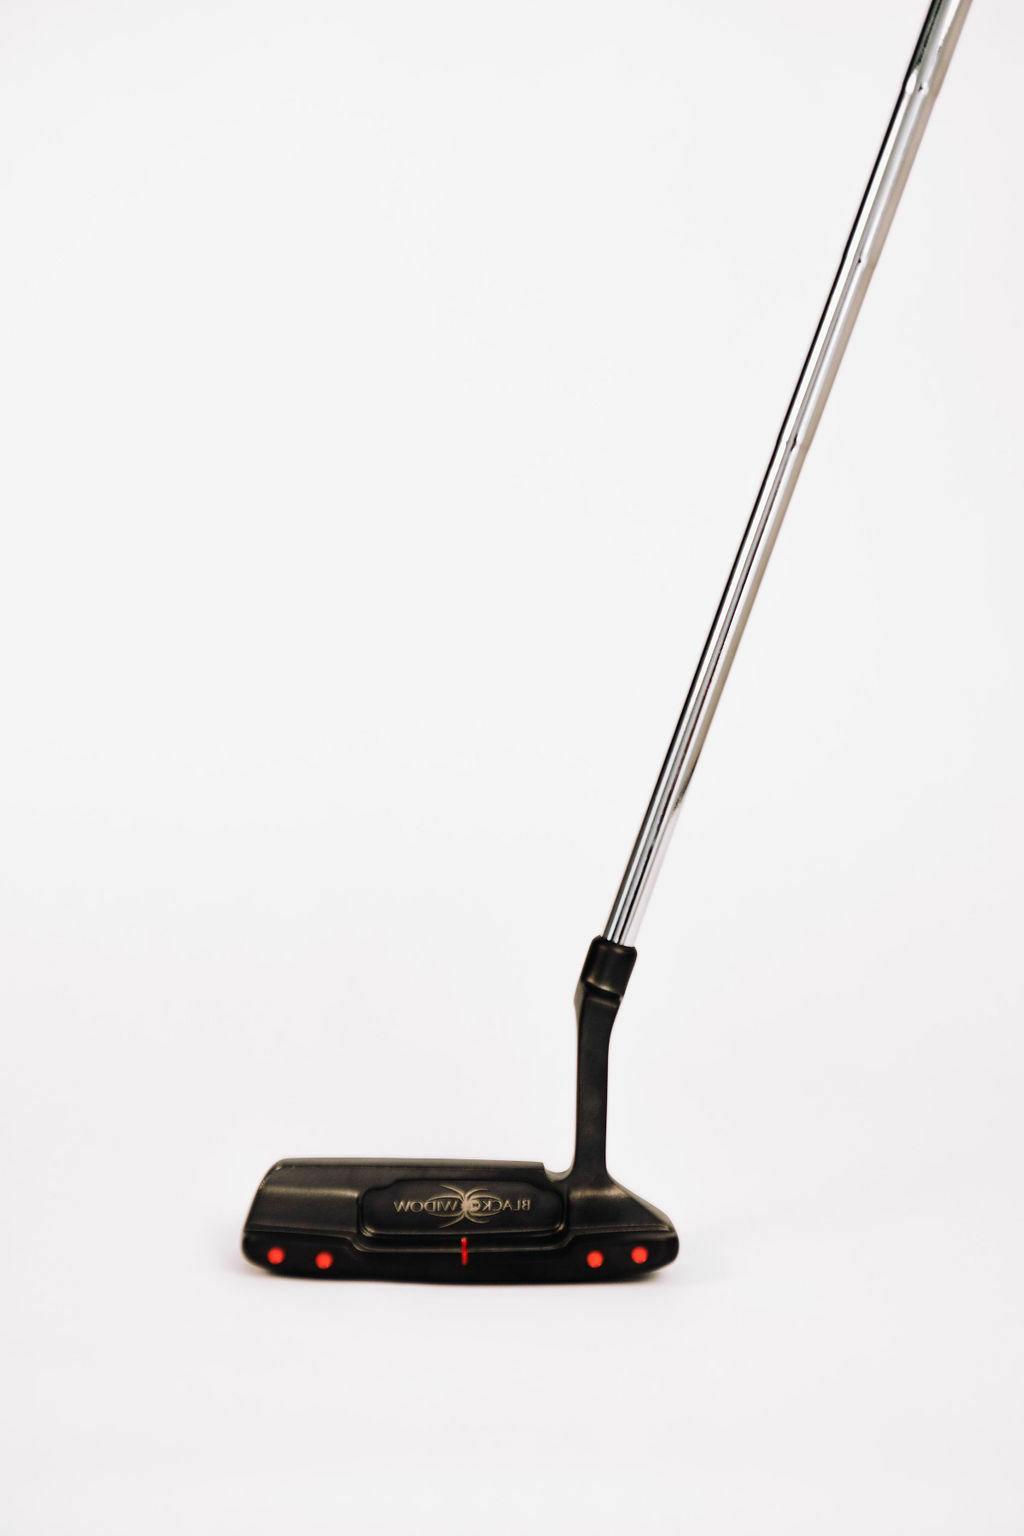 Black Widow Golf Putter